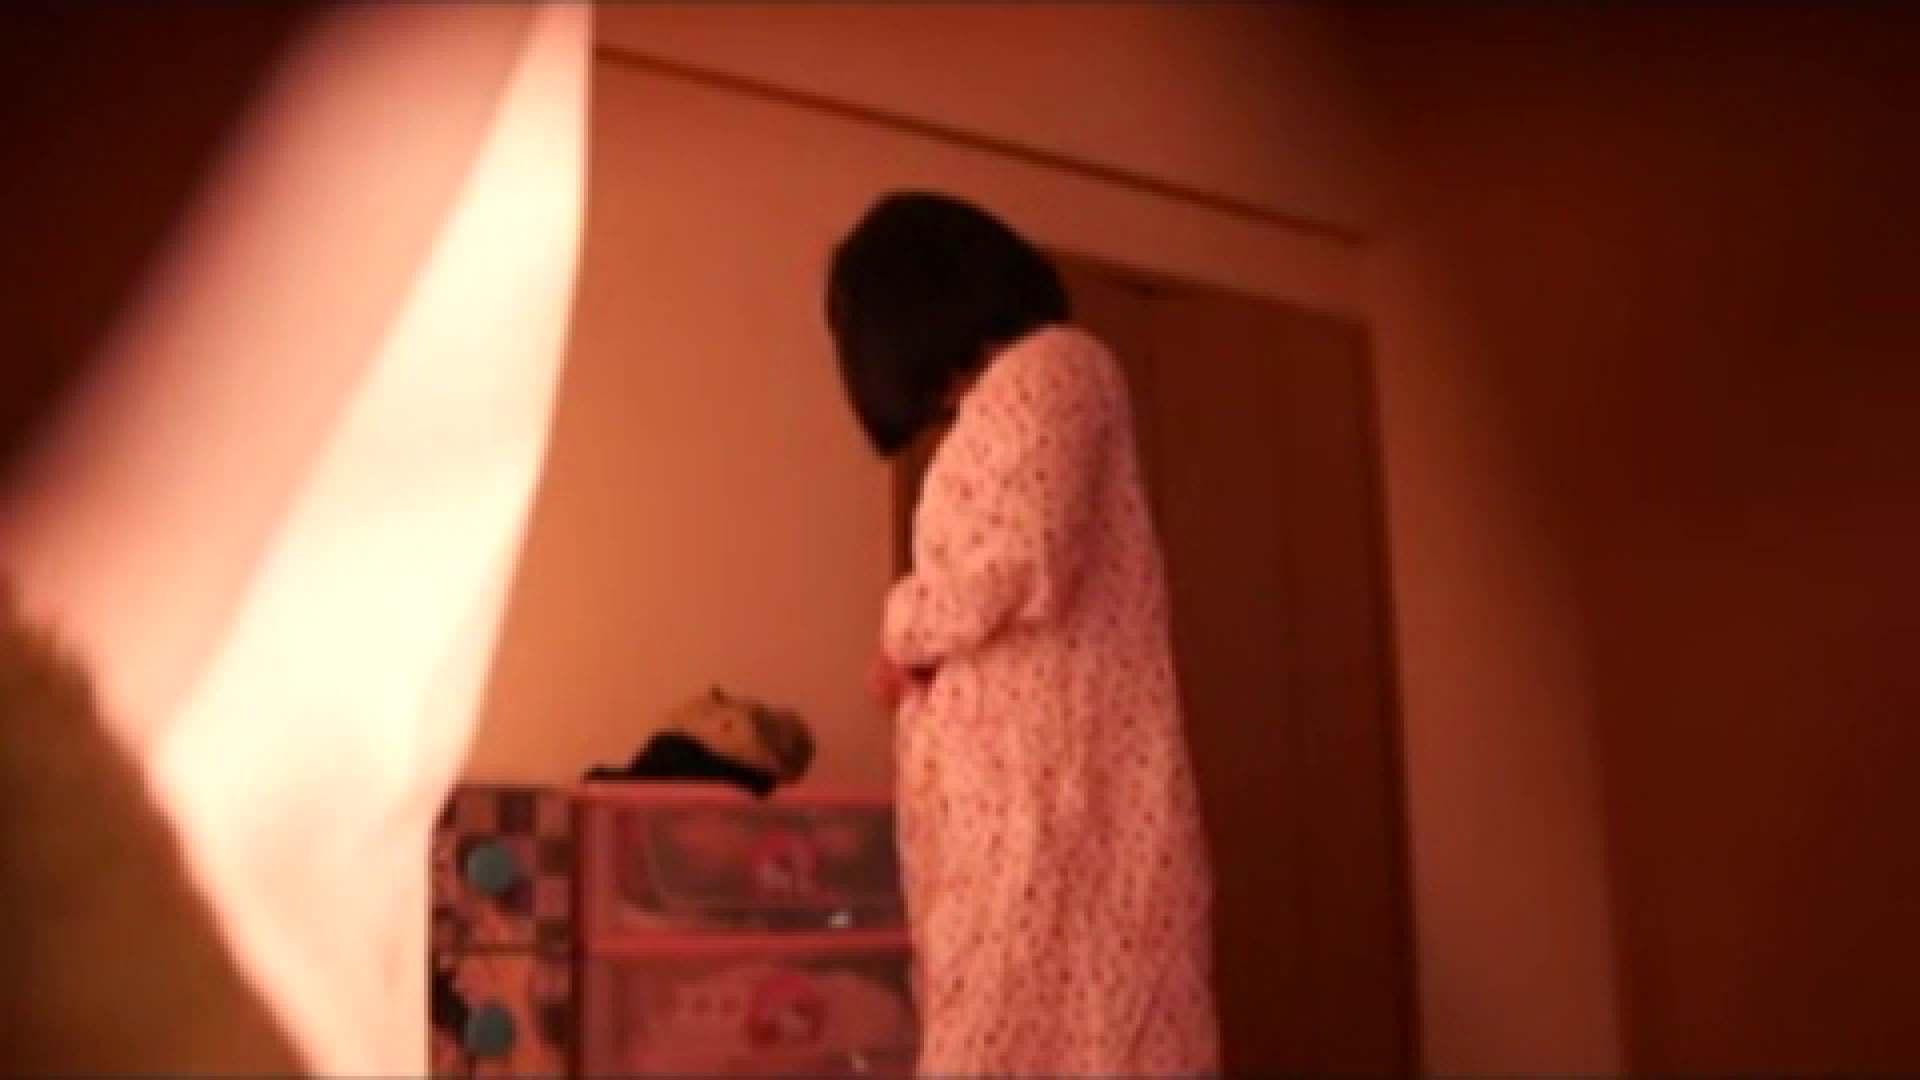 無修正エロ動画|vol.2 まりこさんのお着替え、就寝前の映像です。|怪盗ジョーカー